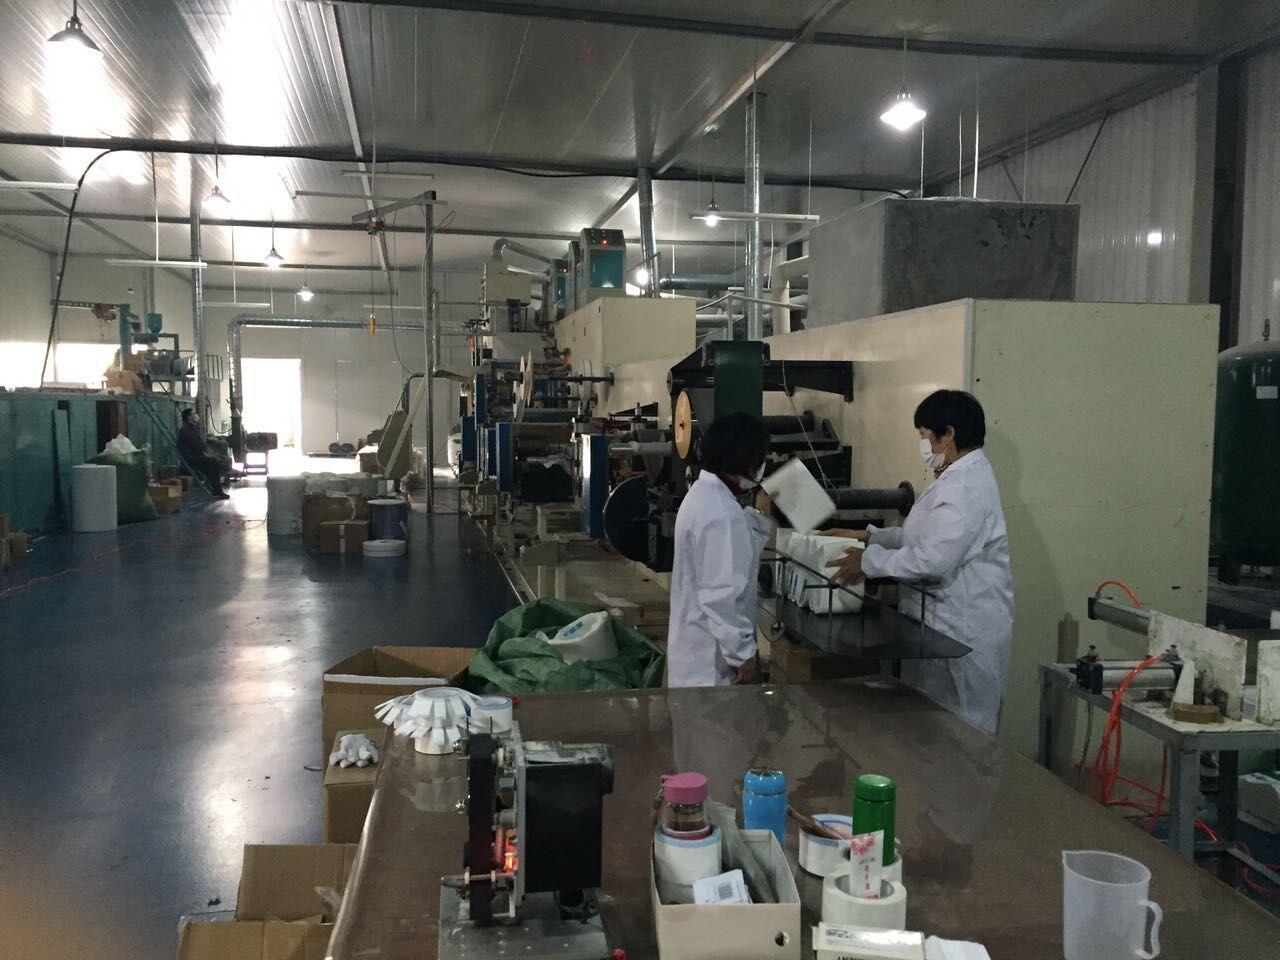 成人纸尿裤专业生产厂家,成人纸尿裤生产厂家,专业生产成人纸尿裤